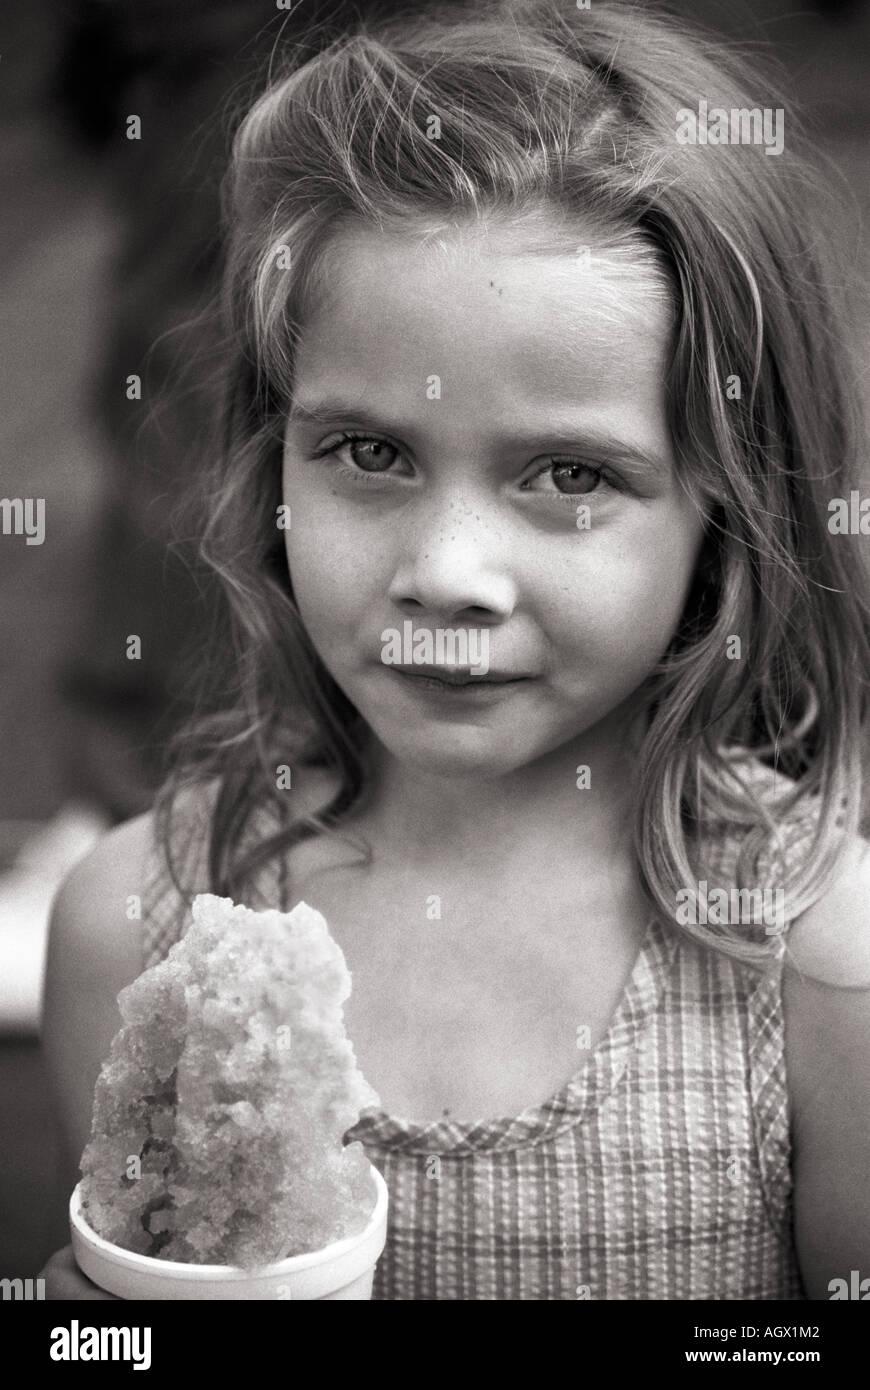 Chica sujetando un cono de nieve en un día de verano. Foto de stock